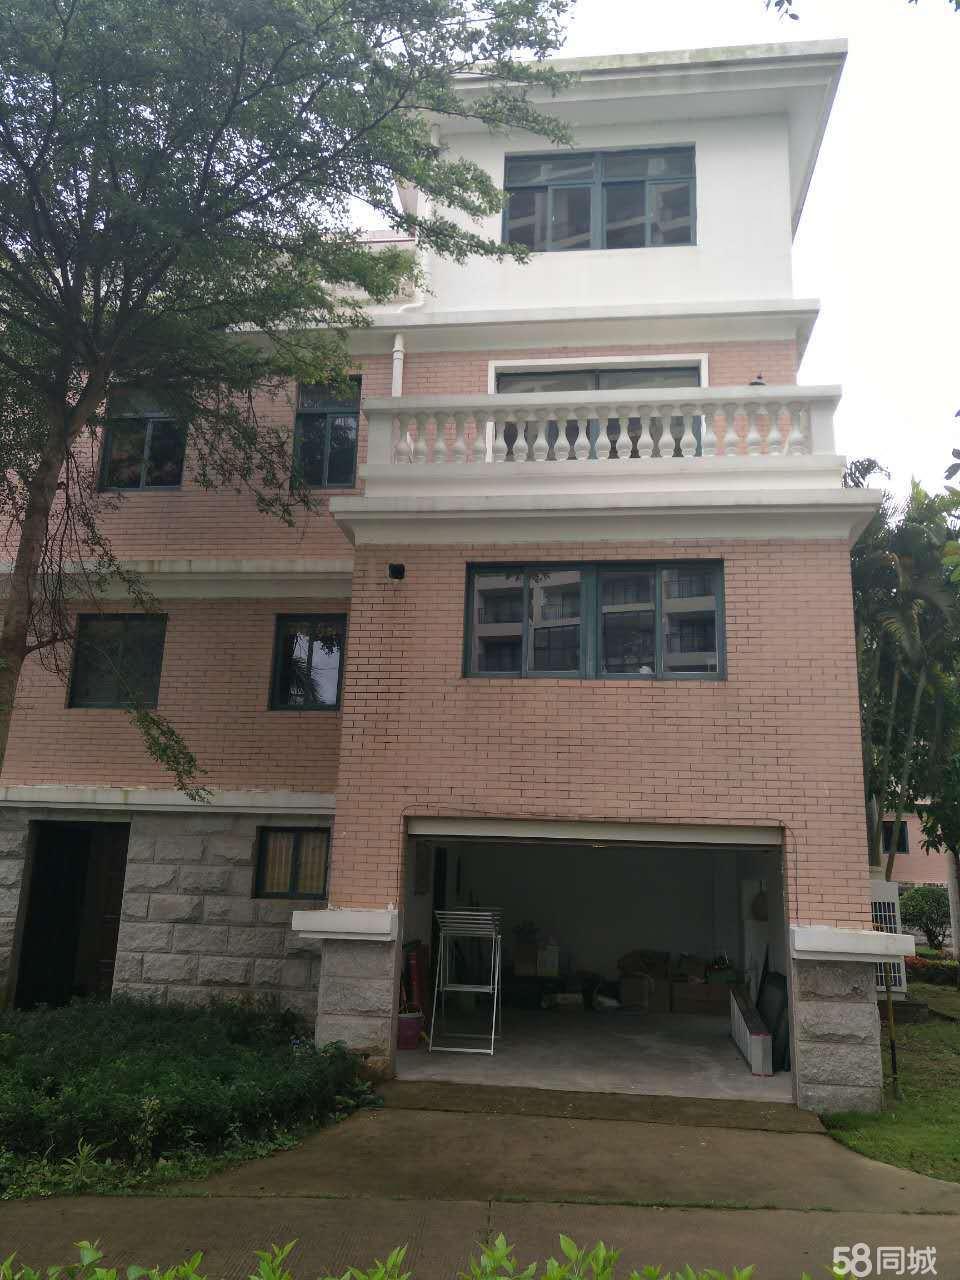 嘉积镇万全豪庭¥别5室3厅450平米豪华装修年付